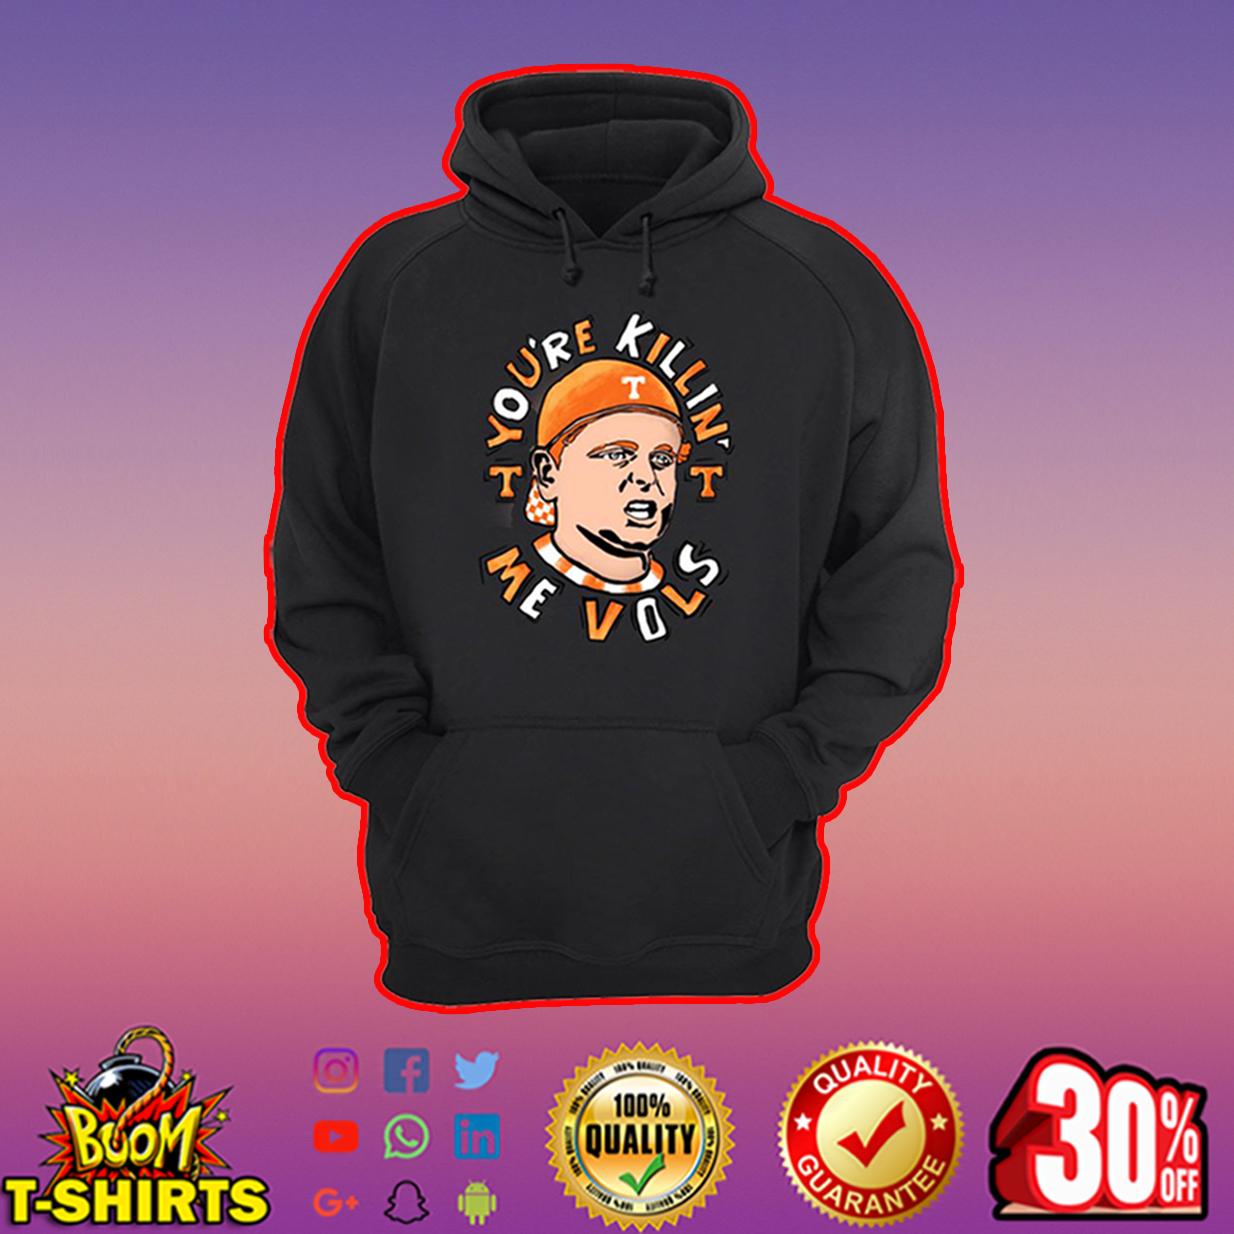 You're Killin' Me Vols hoodie